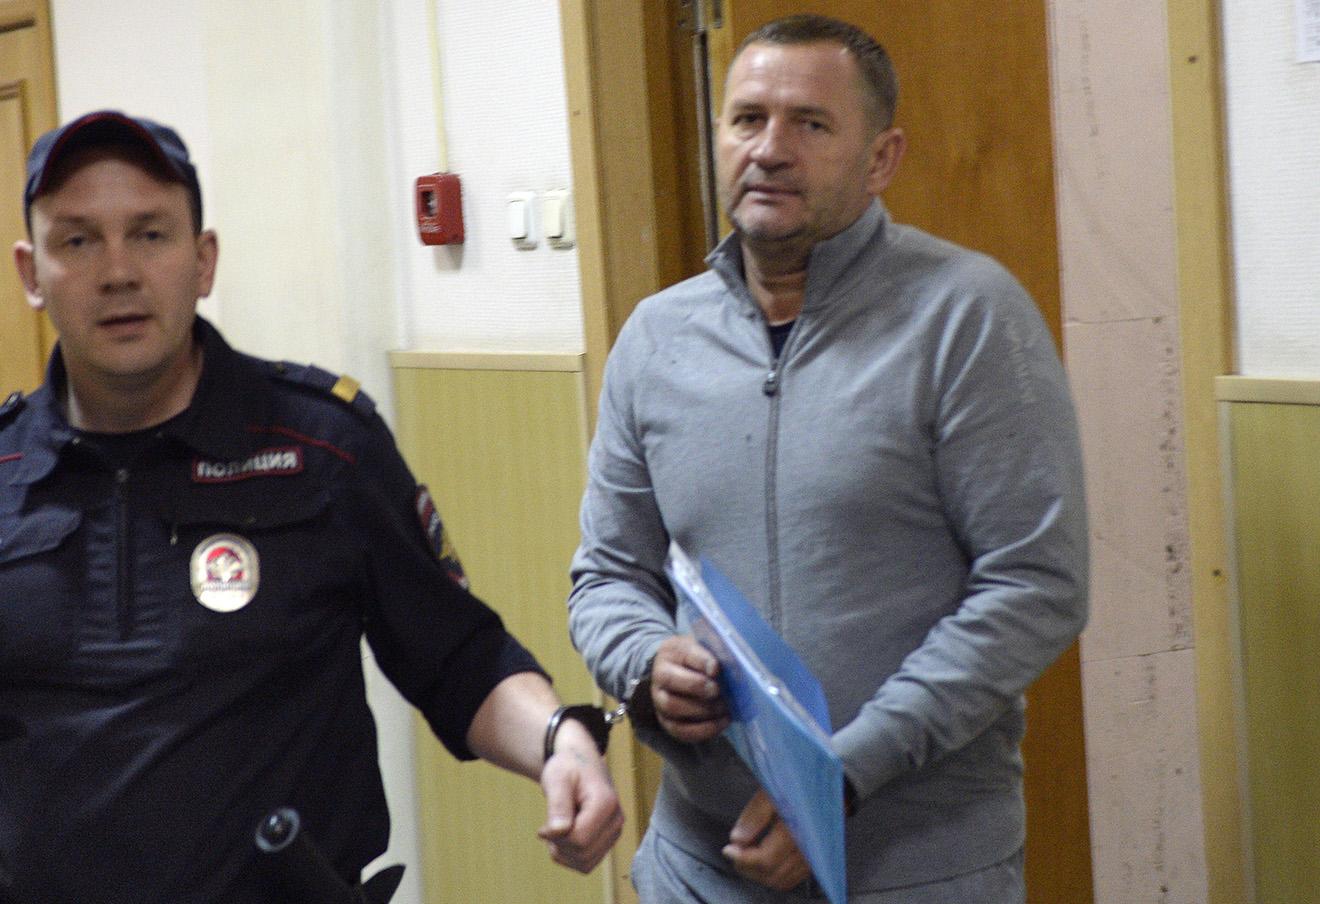 Виктор Филатов после заседания Басманного районного суда. Фото: Сергей Бобылев / Коммерсантъ